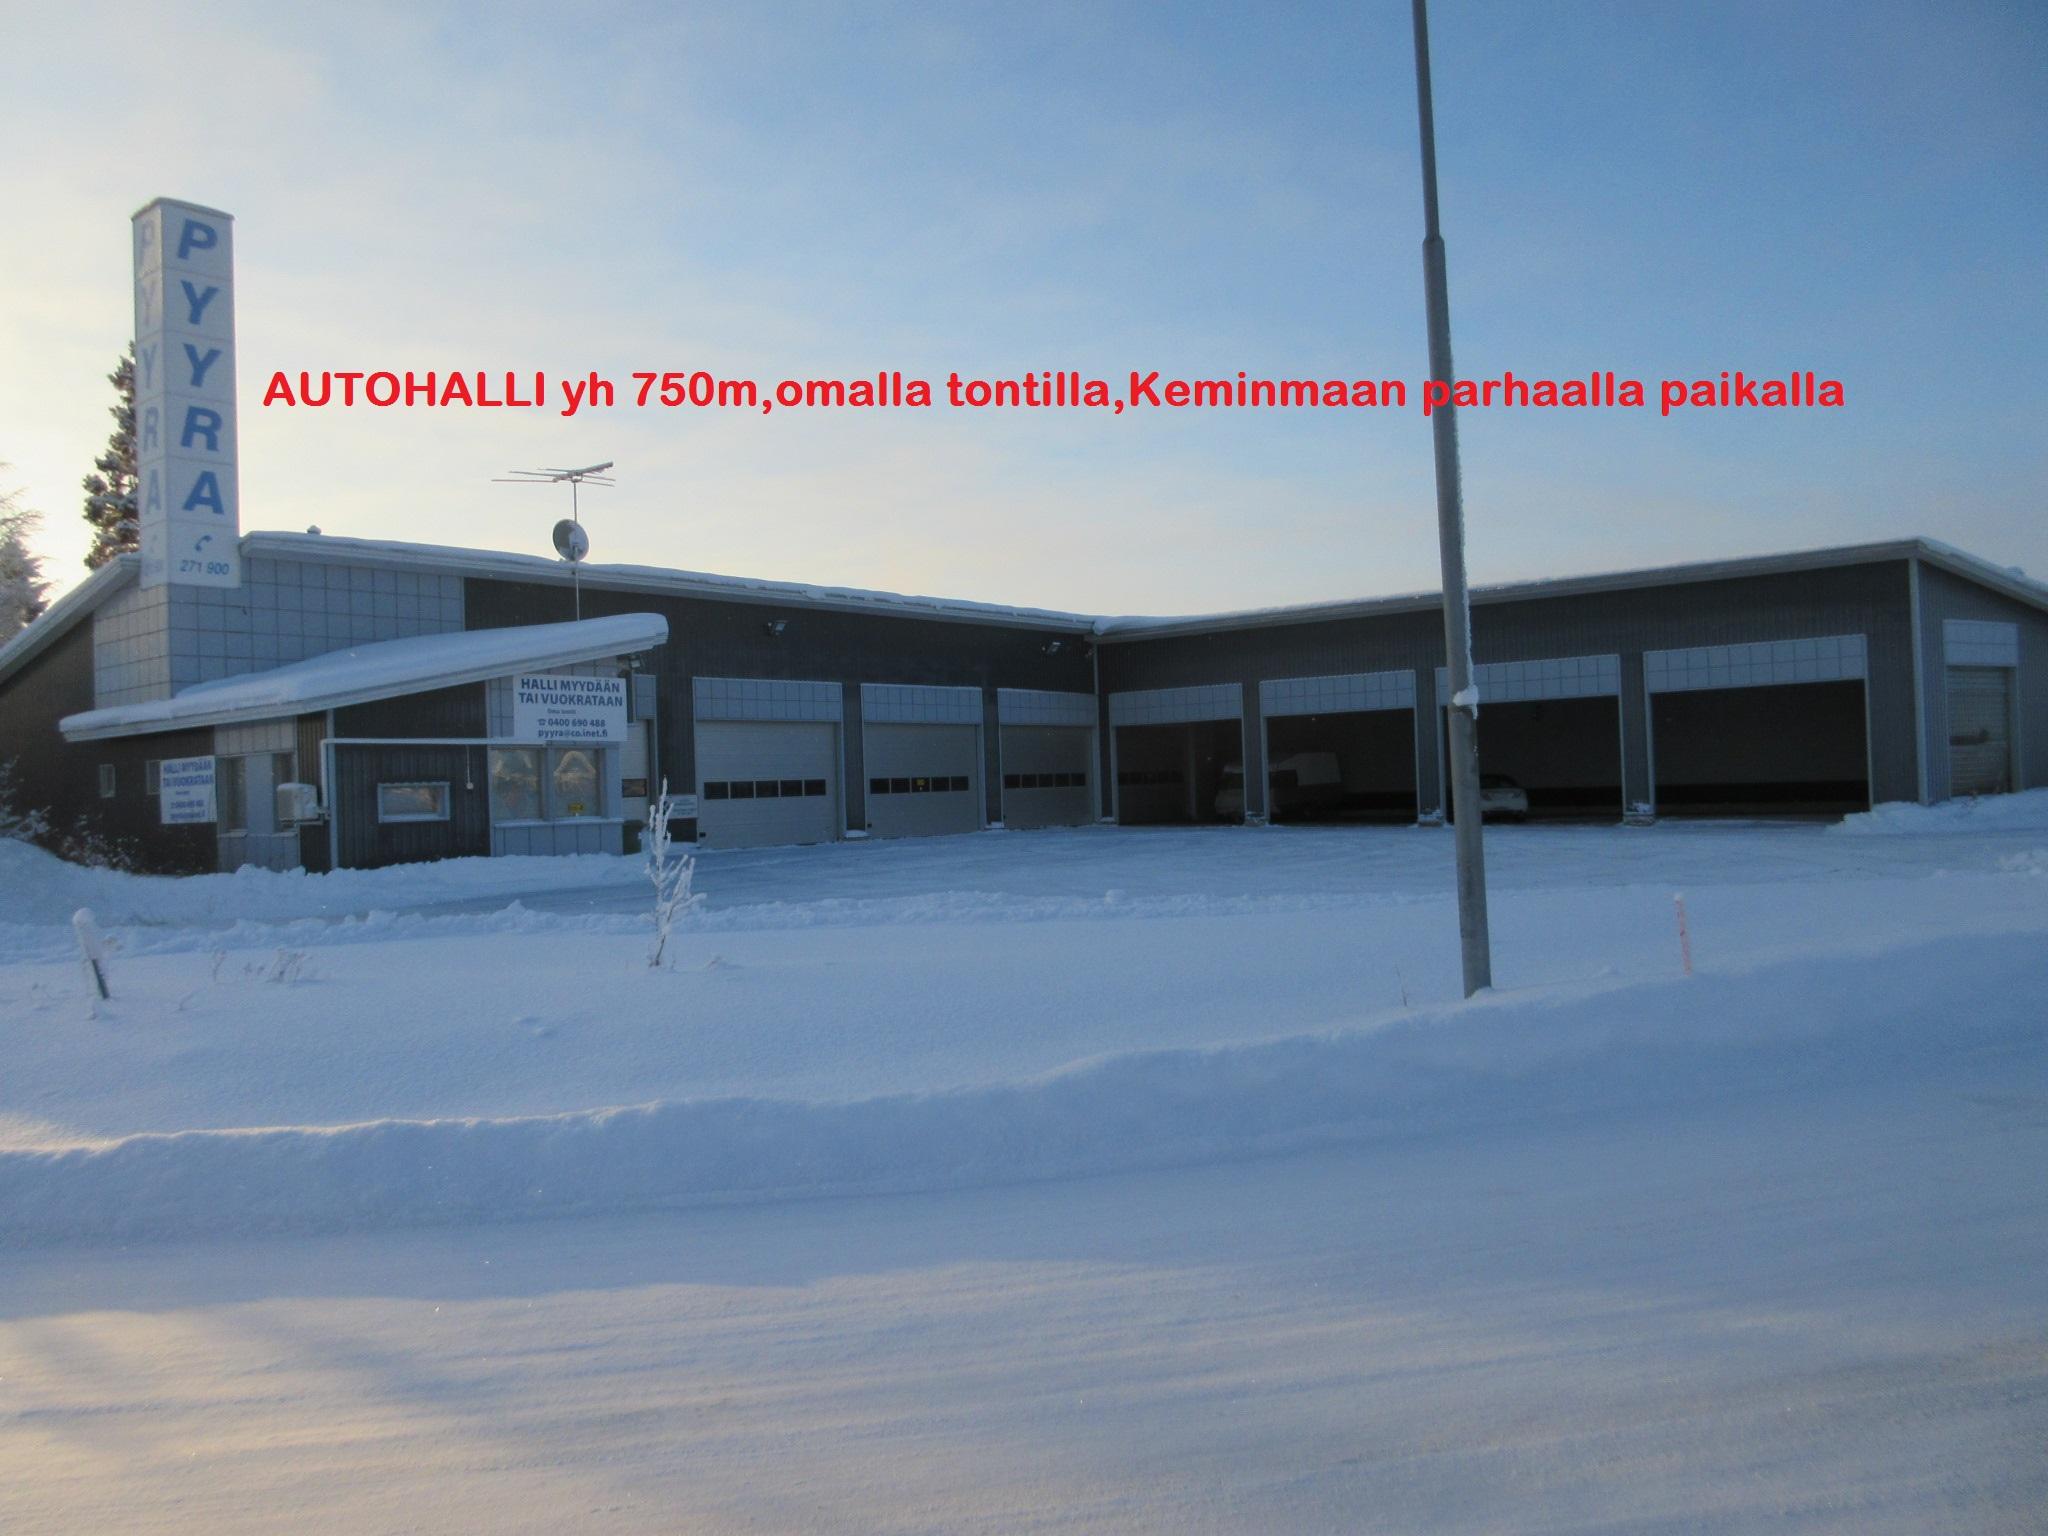 Toimitila, teollisuuskylänraitti 3, Autoliike/teollisuus, Keminmaa